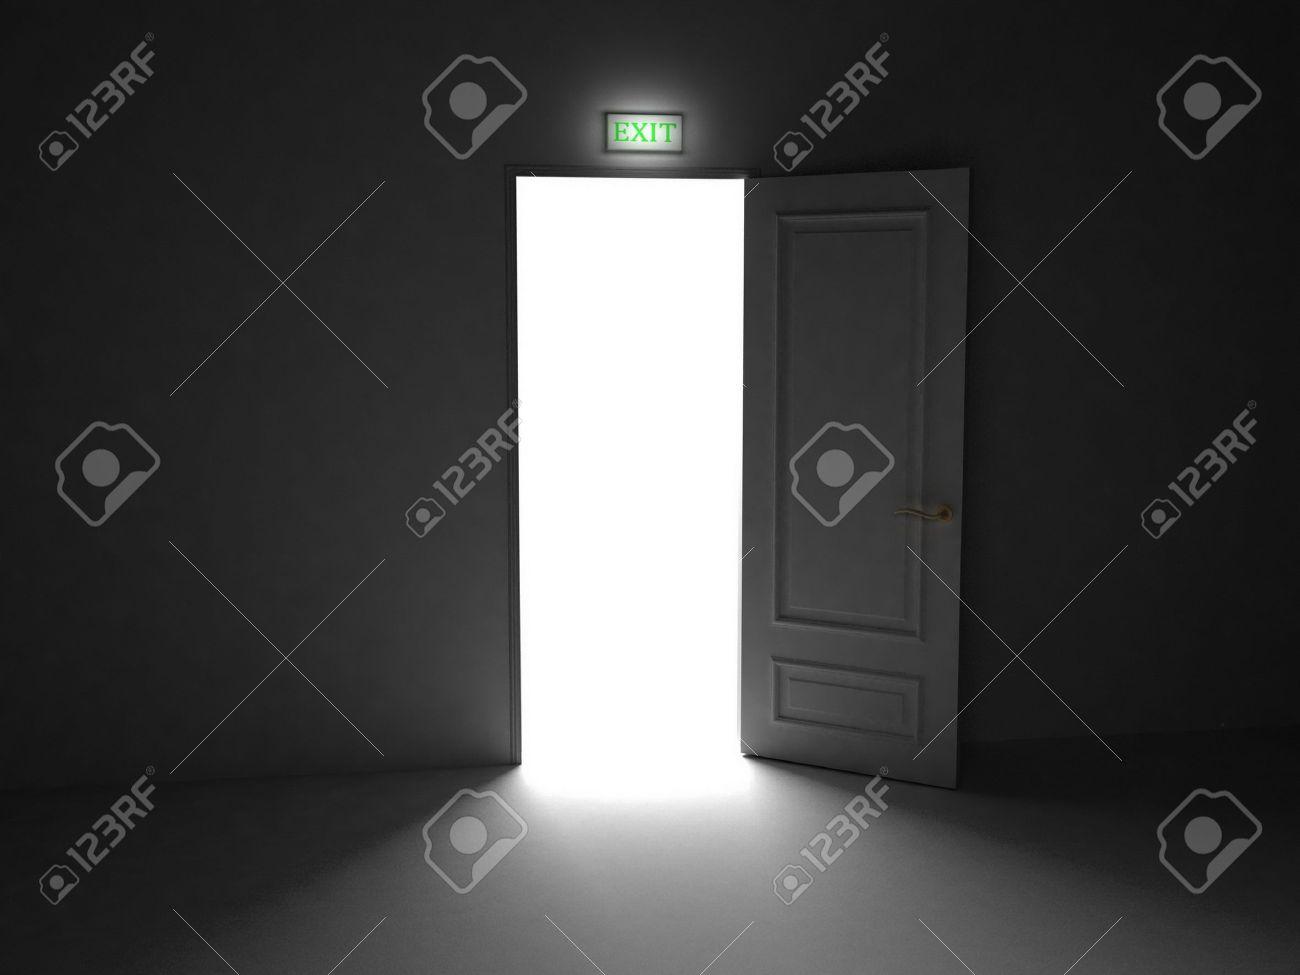 Door  open on black background, 3D images Stock Photo - 14252729